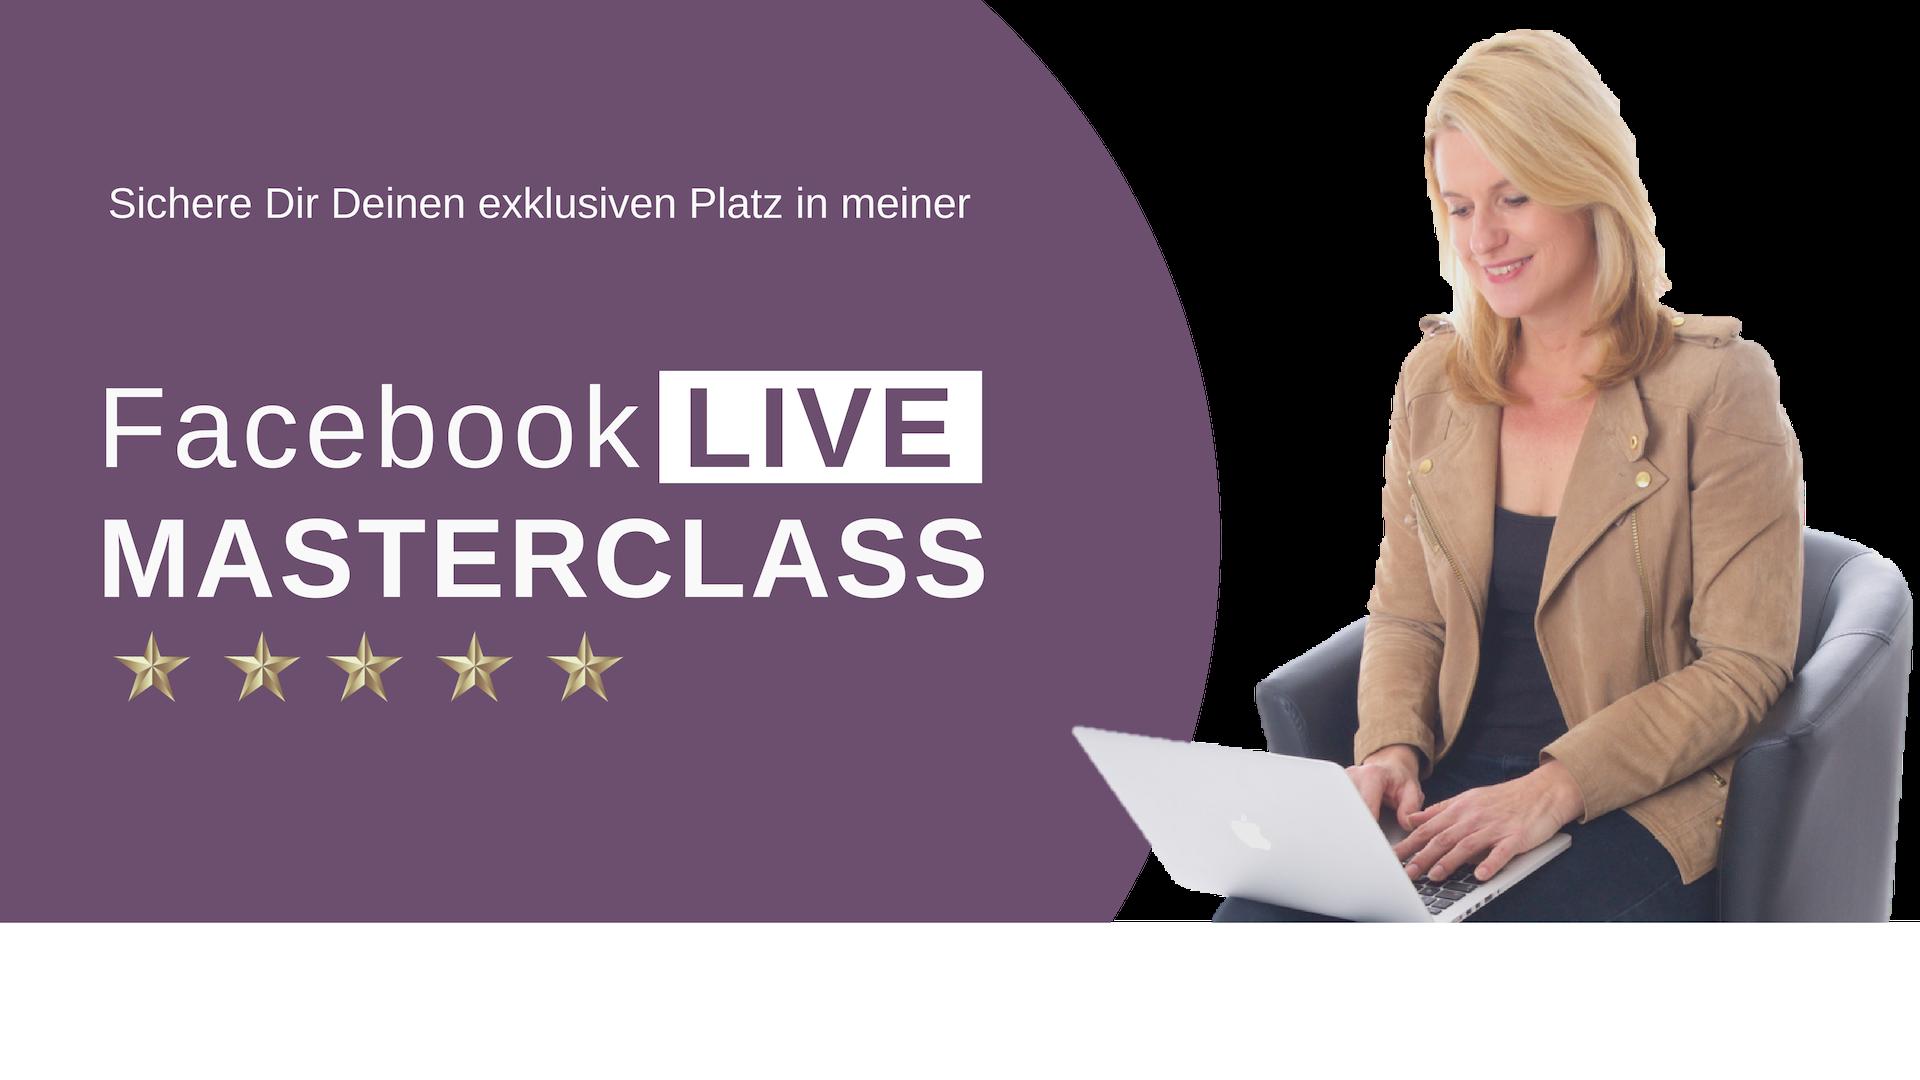 Anmeldung zum gratis Facebook Live Training!